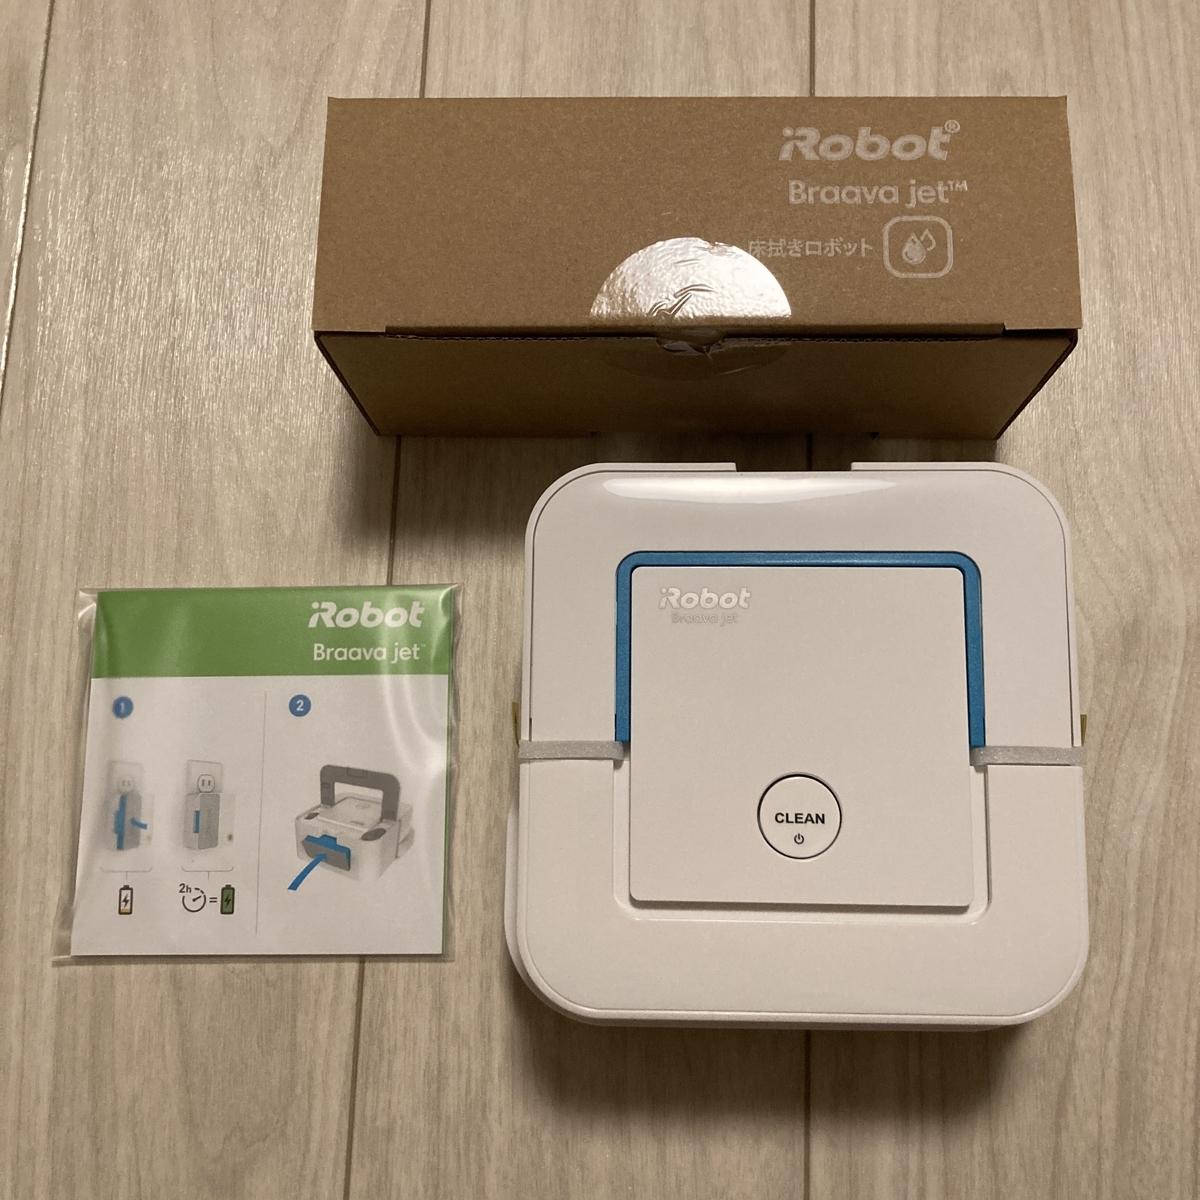 ブラーバジェット iRobot braava jet ルンバ 水拭き 掃除 お掃除ロボット 乾拭き 床掃除 時短 便利 IOT